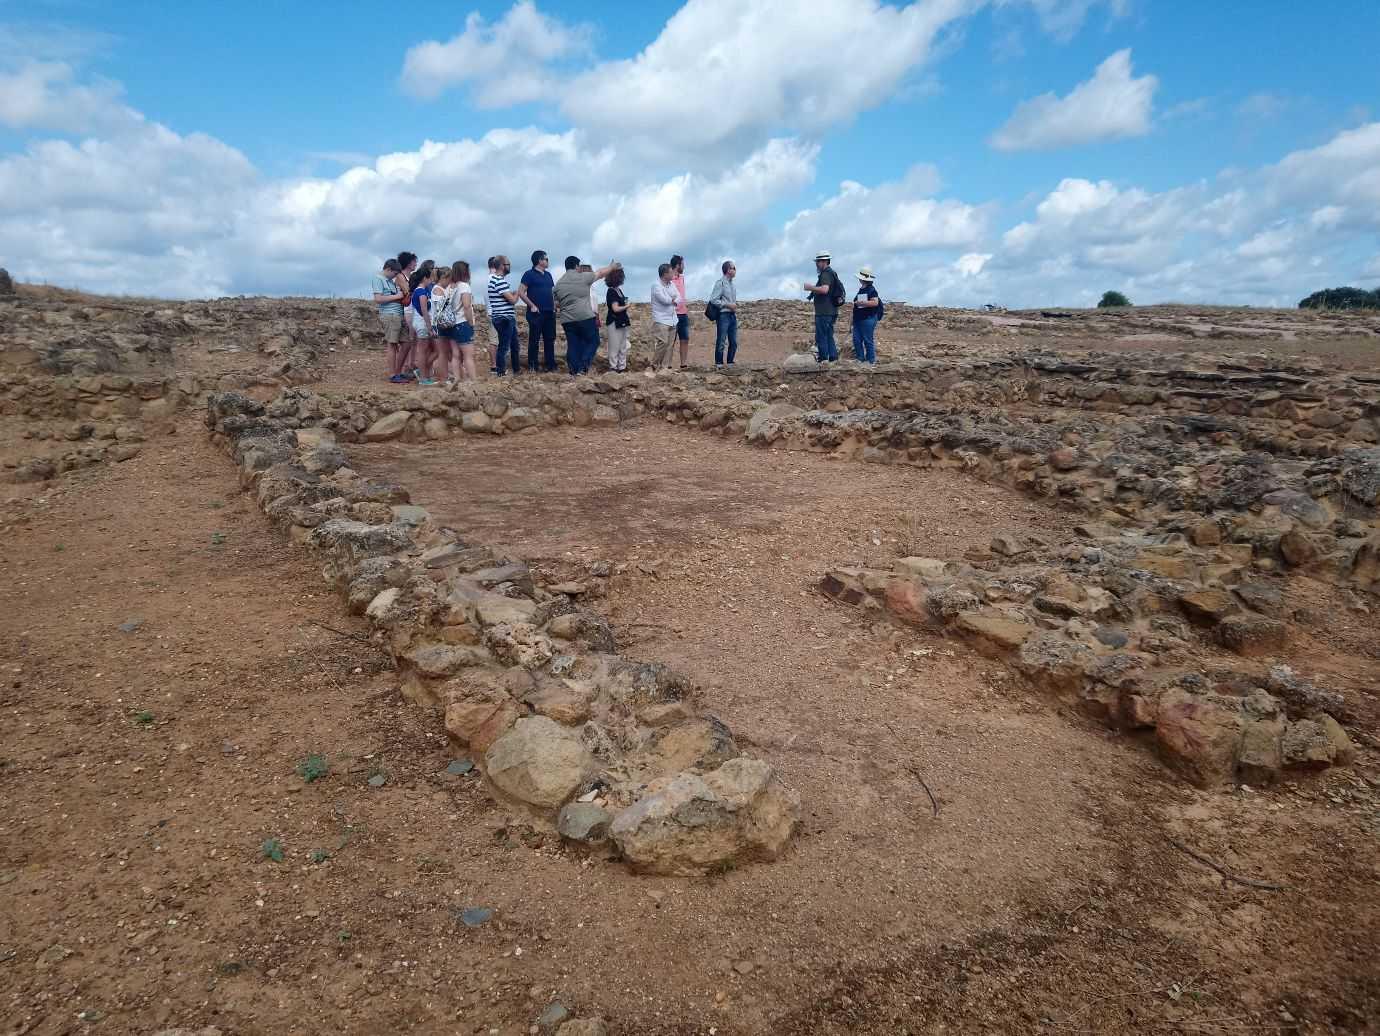 Archäologische Stätte Tejada la Vieja